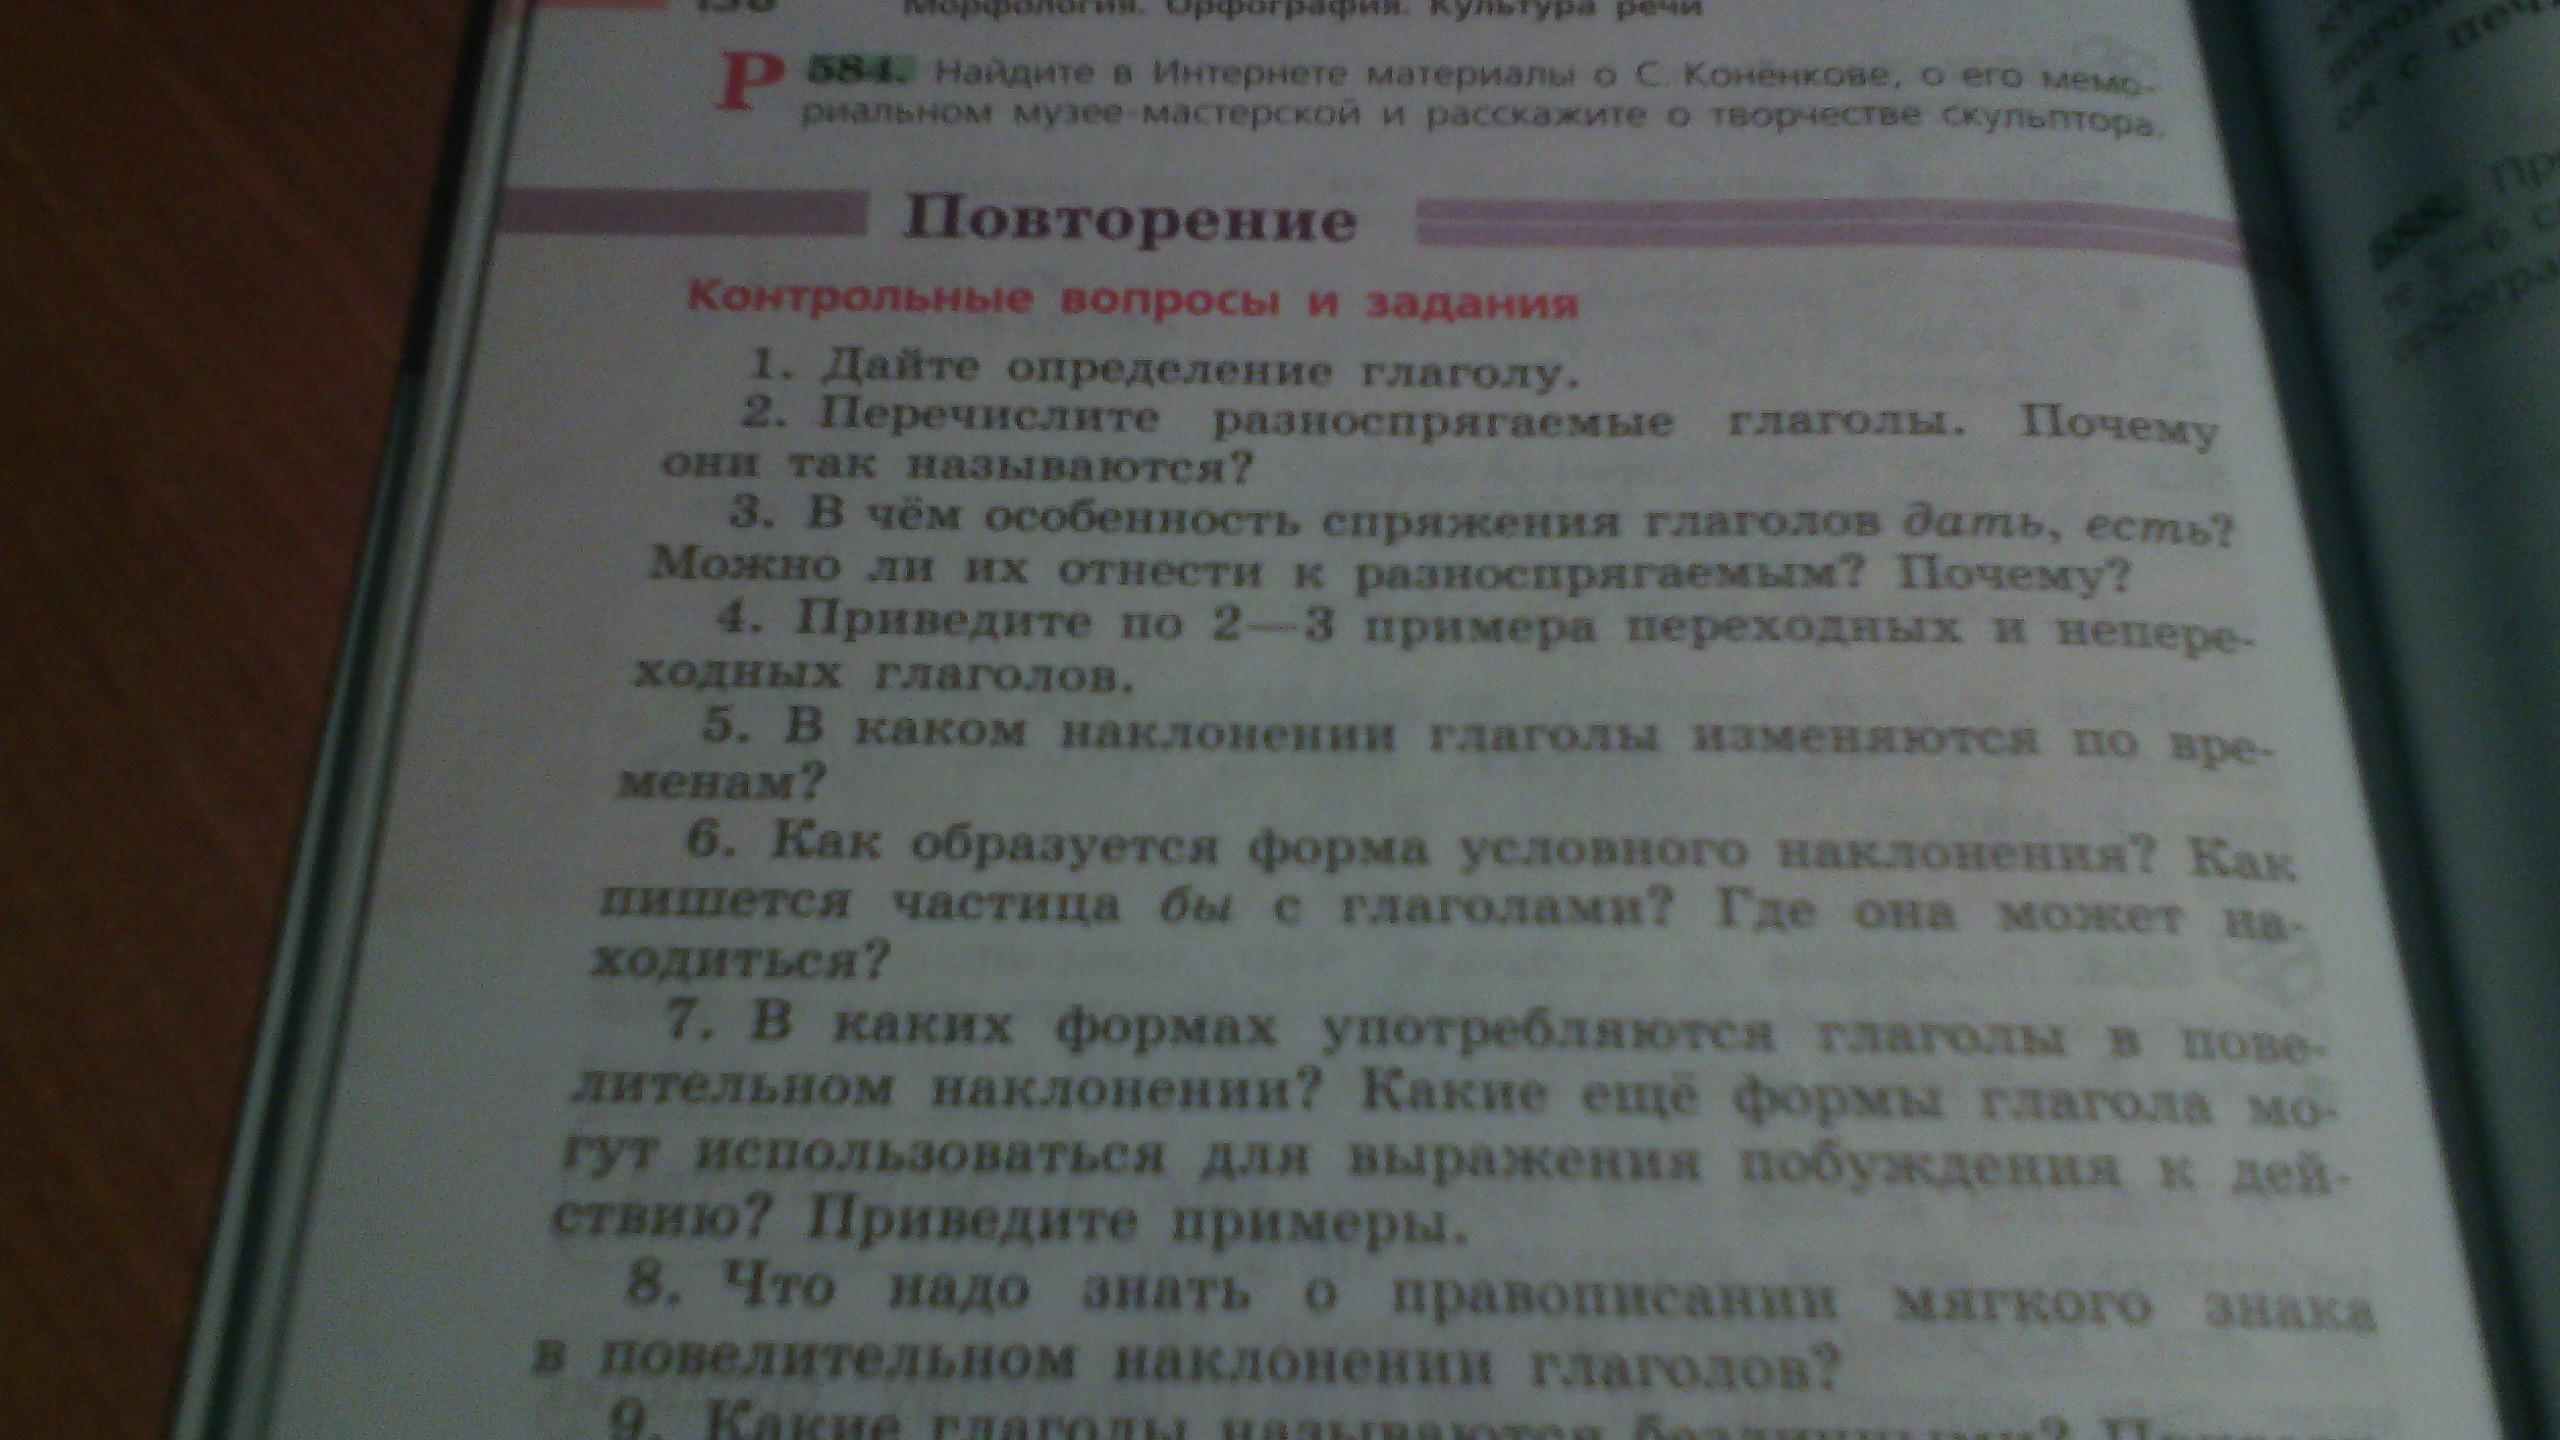 Контрольные вопросы и задания по русскому языку 5 класс